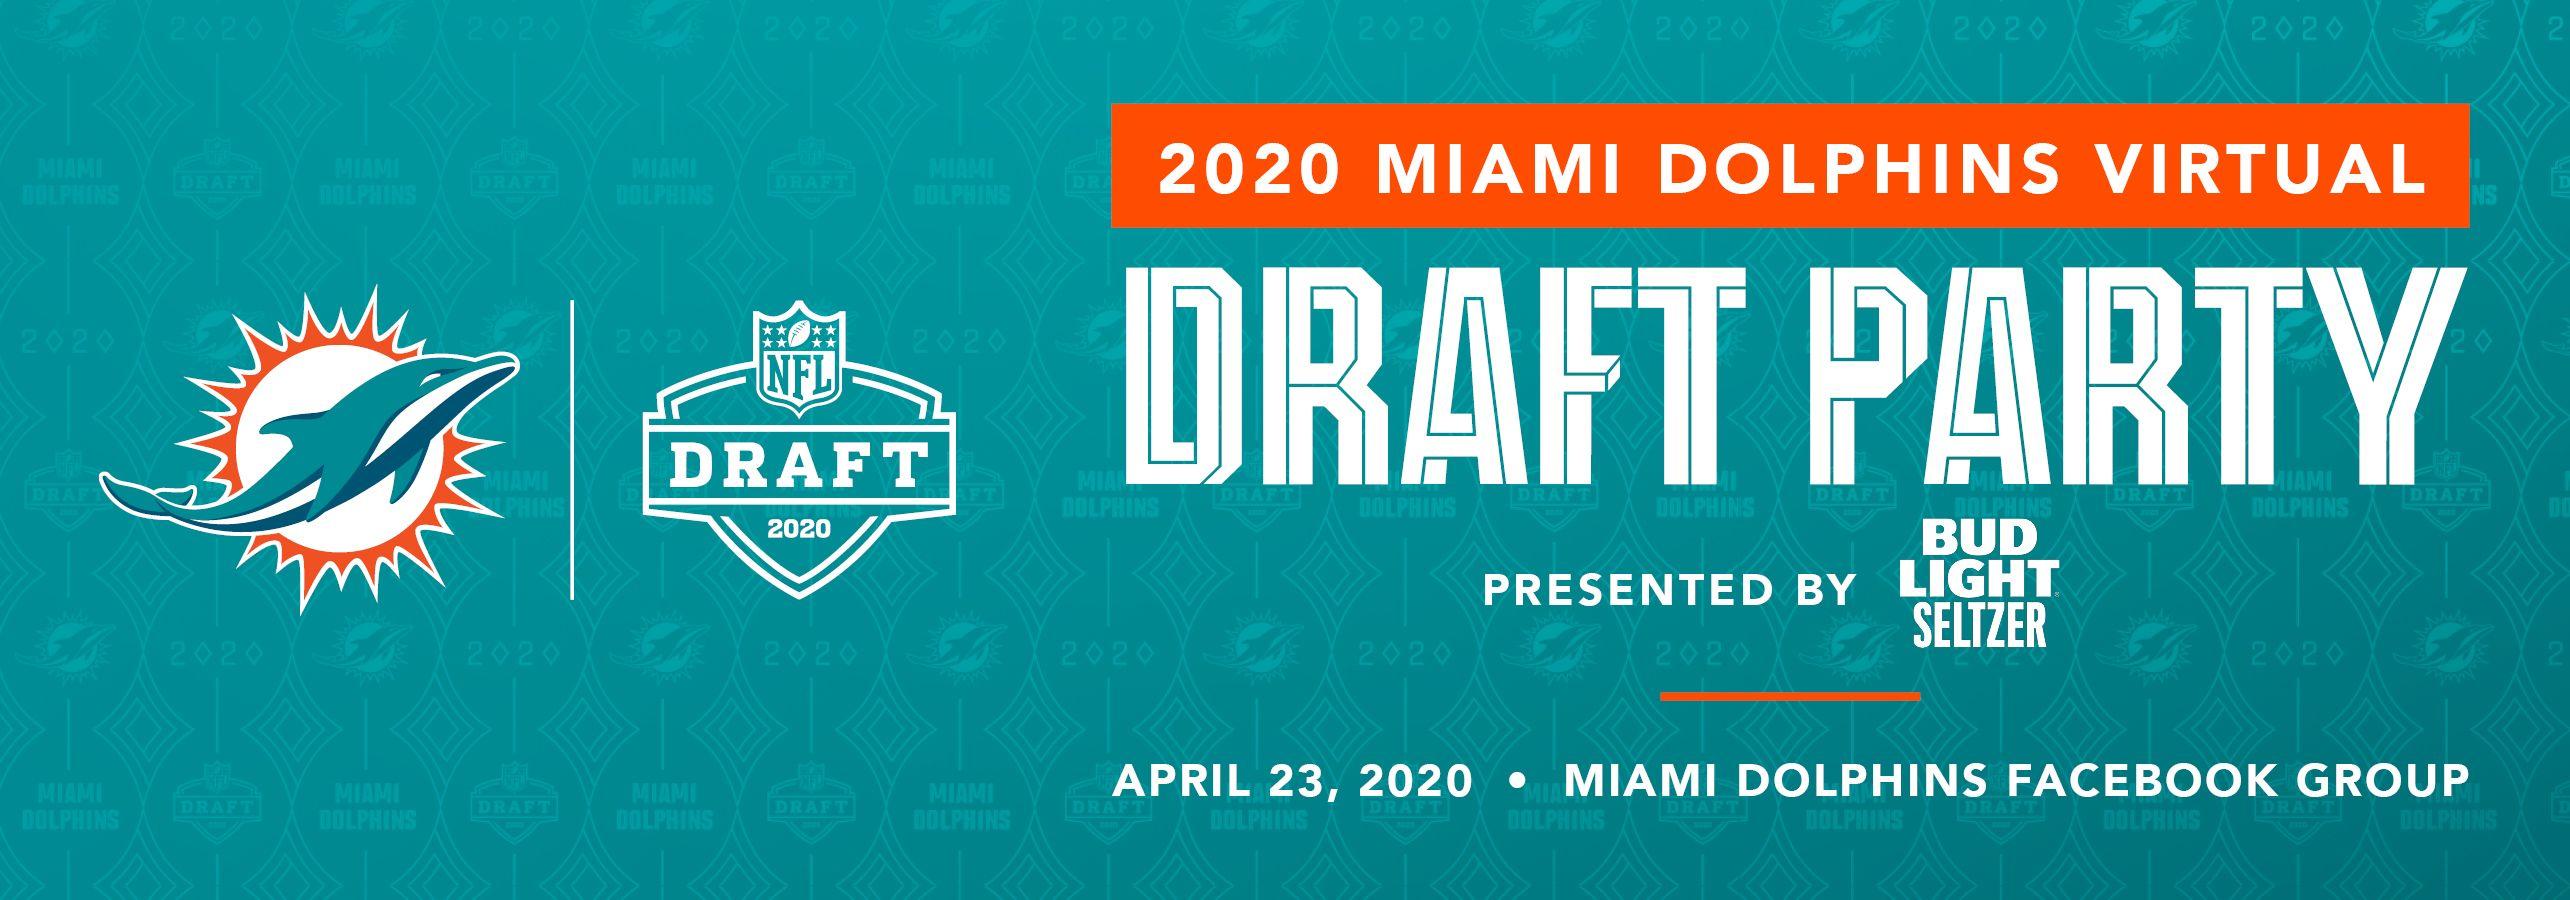 MAR483_Dolphins Draft Party Digital Promo_Website Banner_v2